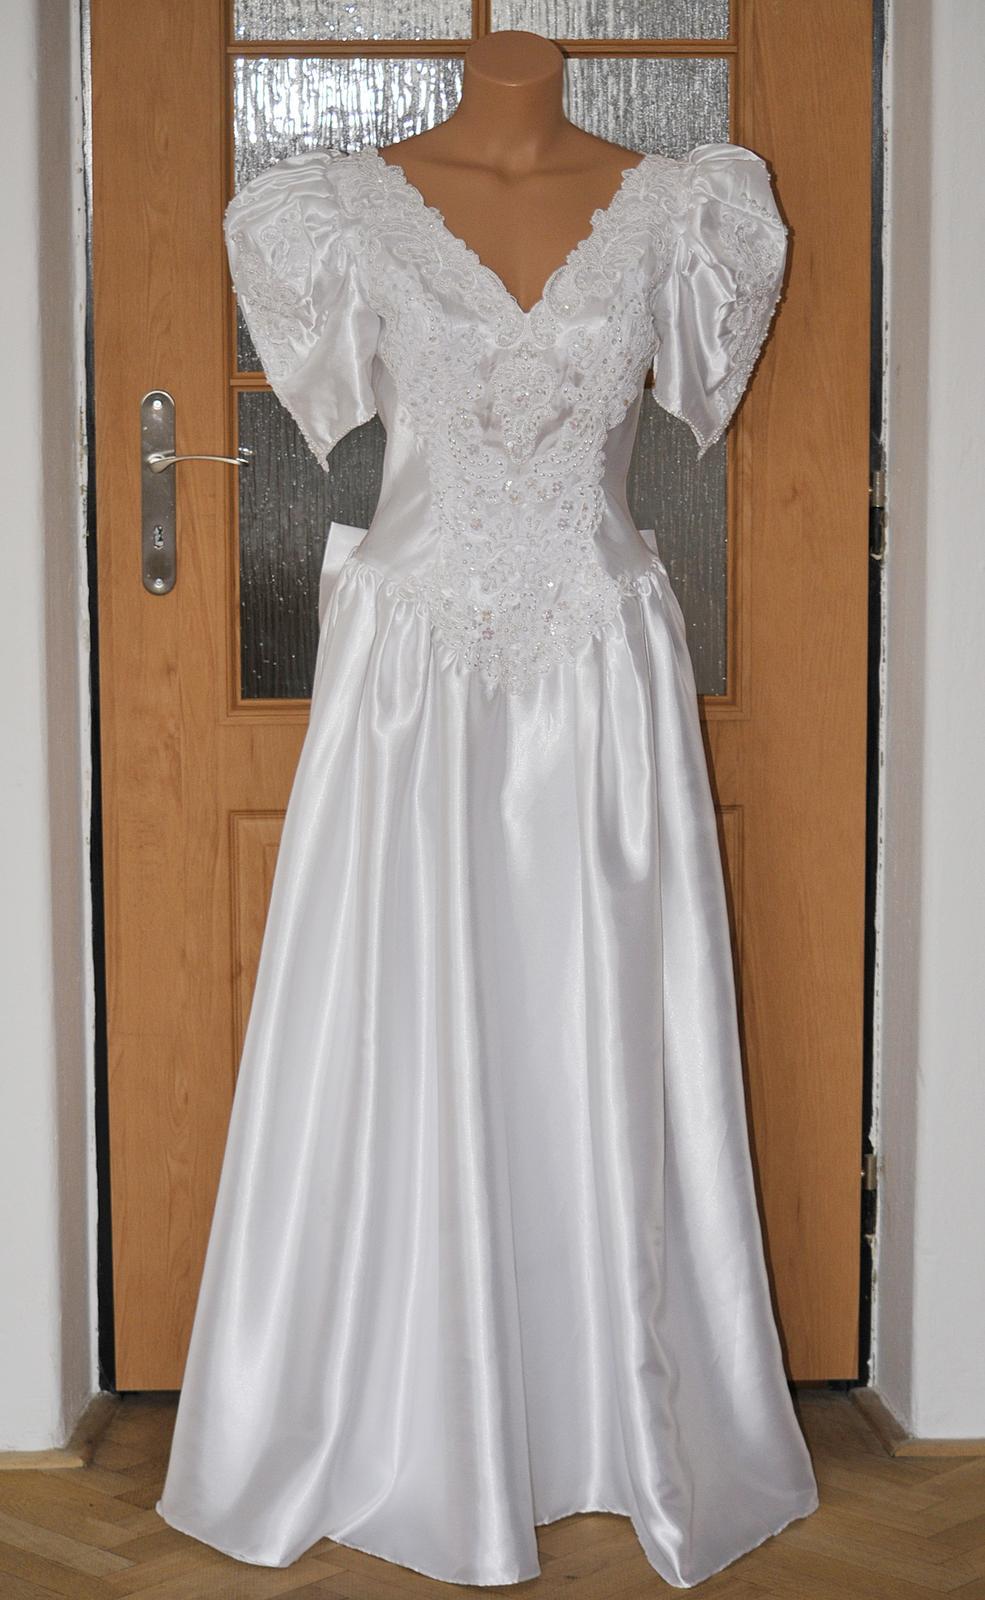 Retro šaty 80/90 roky - Obrázok č. 1